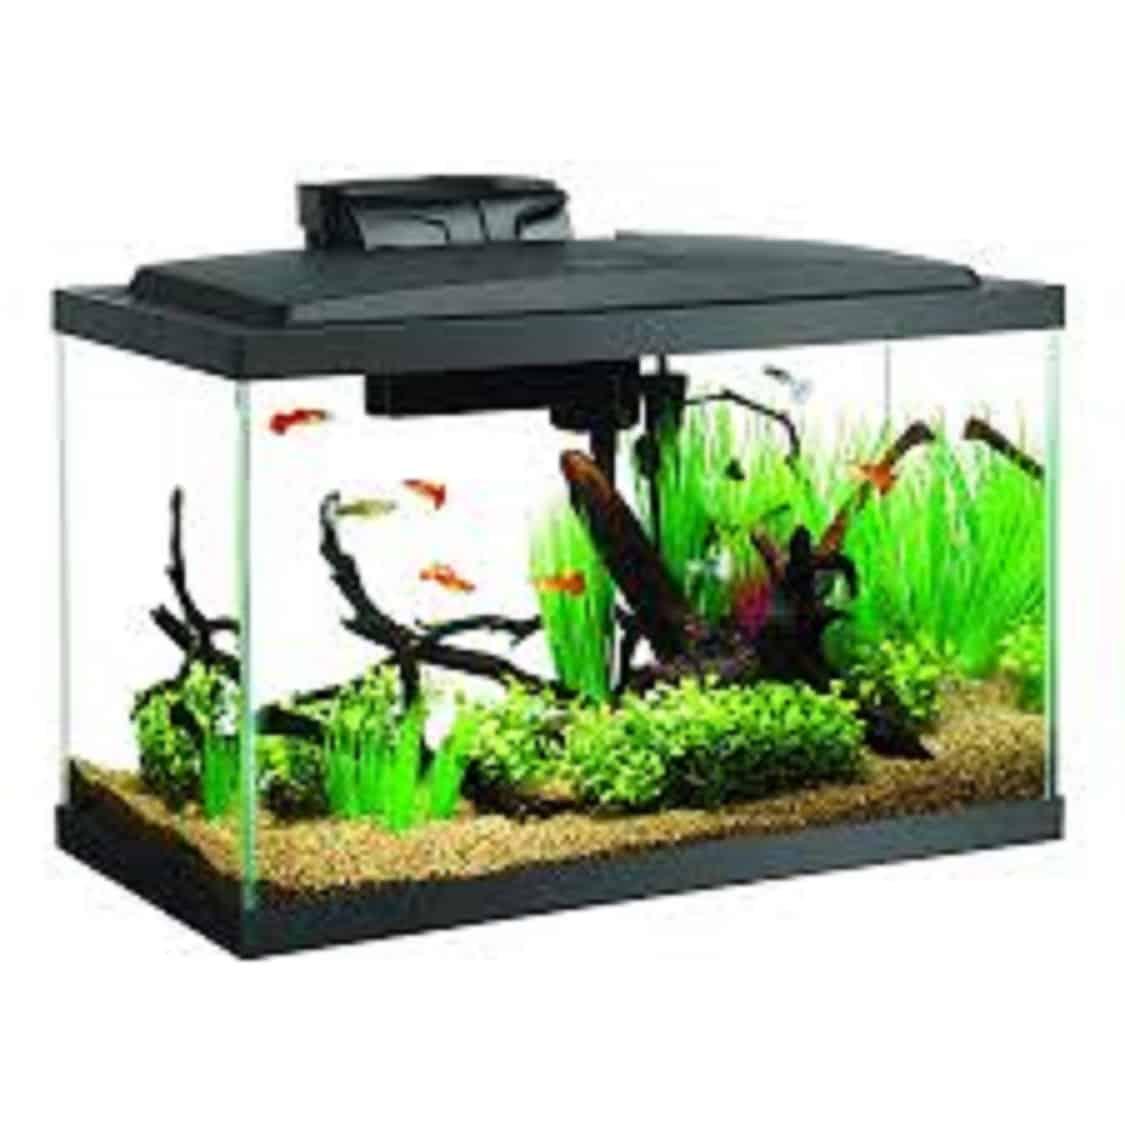 Best 10 Gallon Fish Tanks & Aquarium Kits